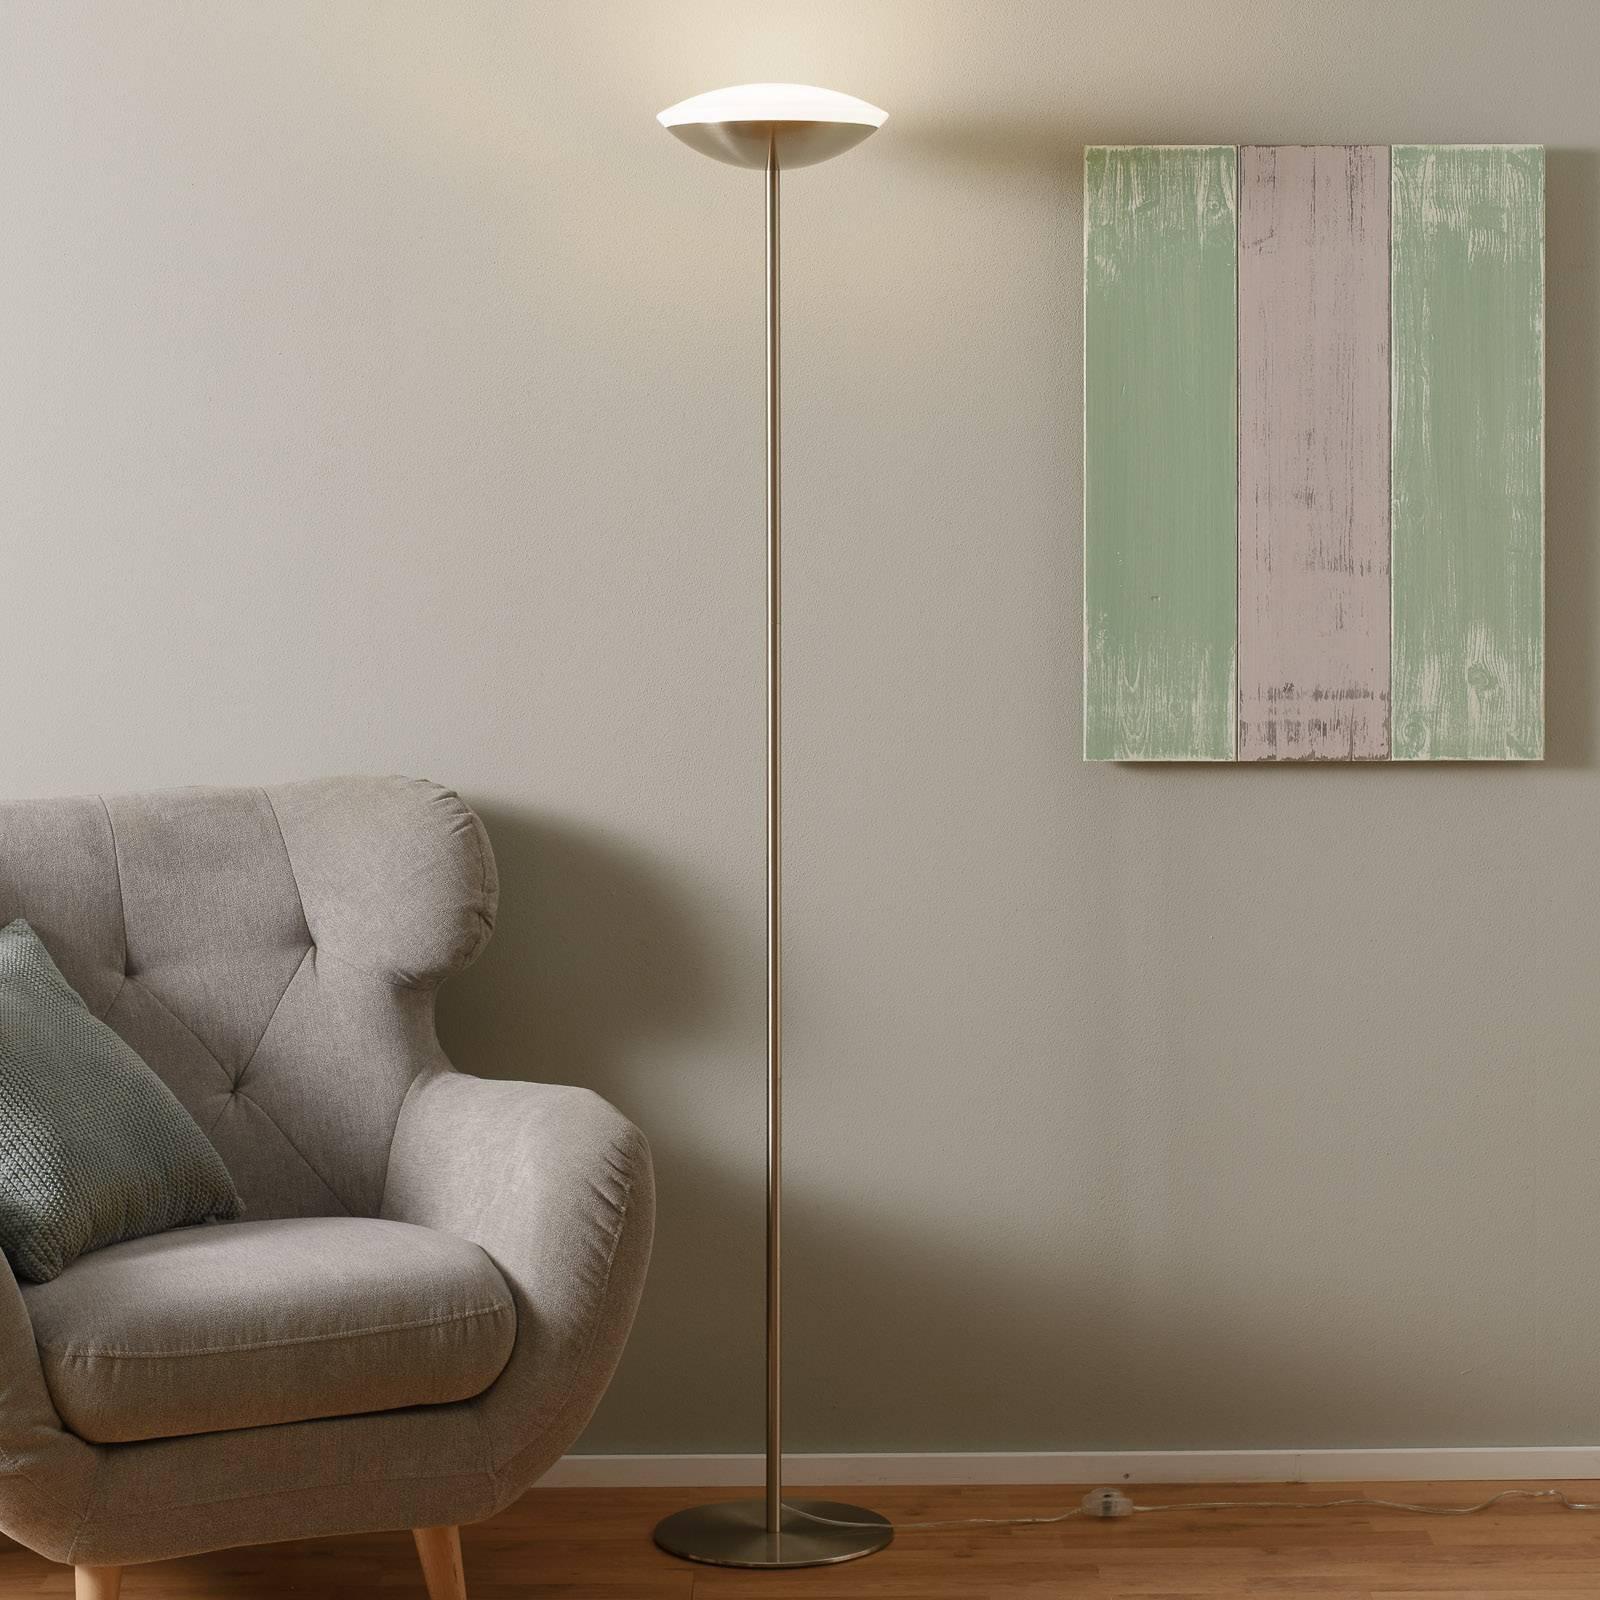 EGLO connect Frattina-C LED-uplight